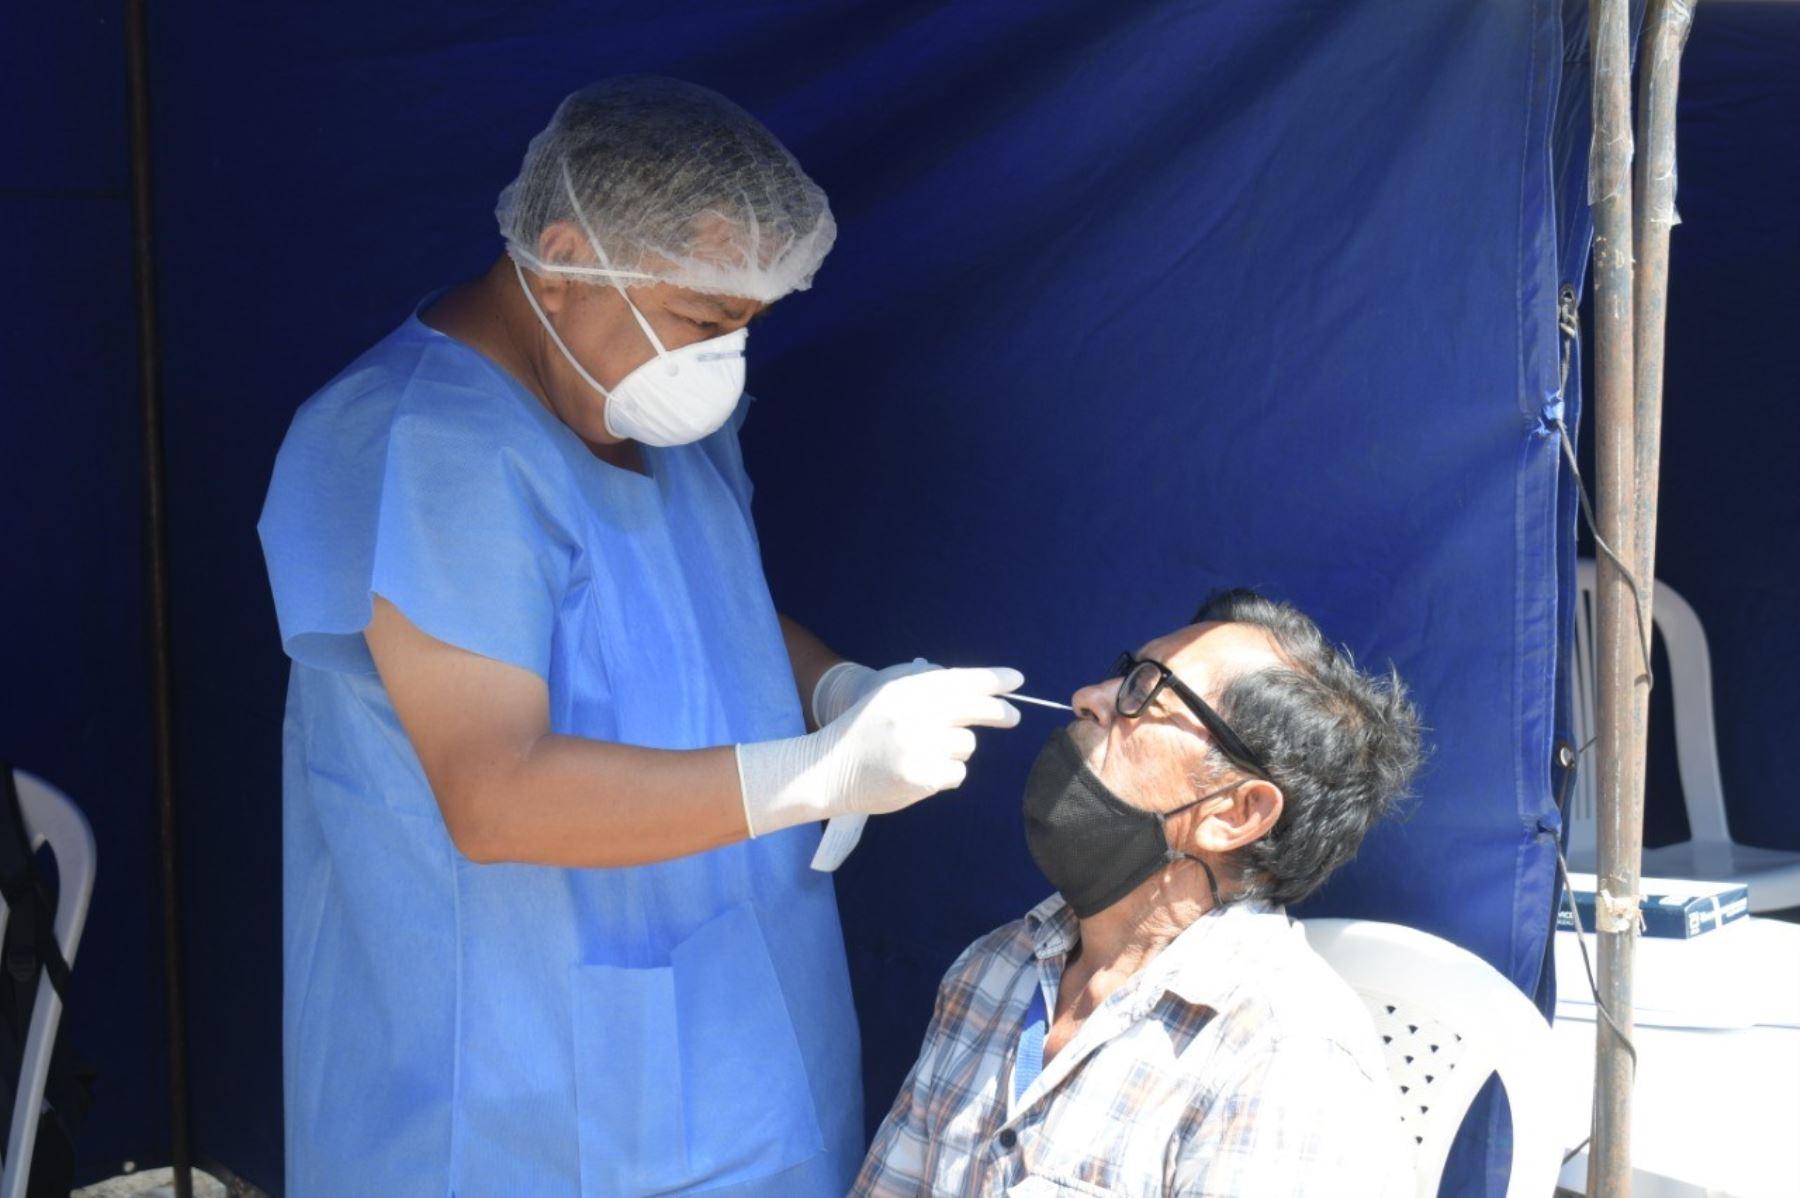 Toma de muestra nasofaríngea para descarte de covid-19.